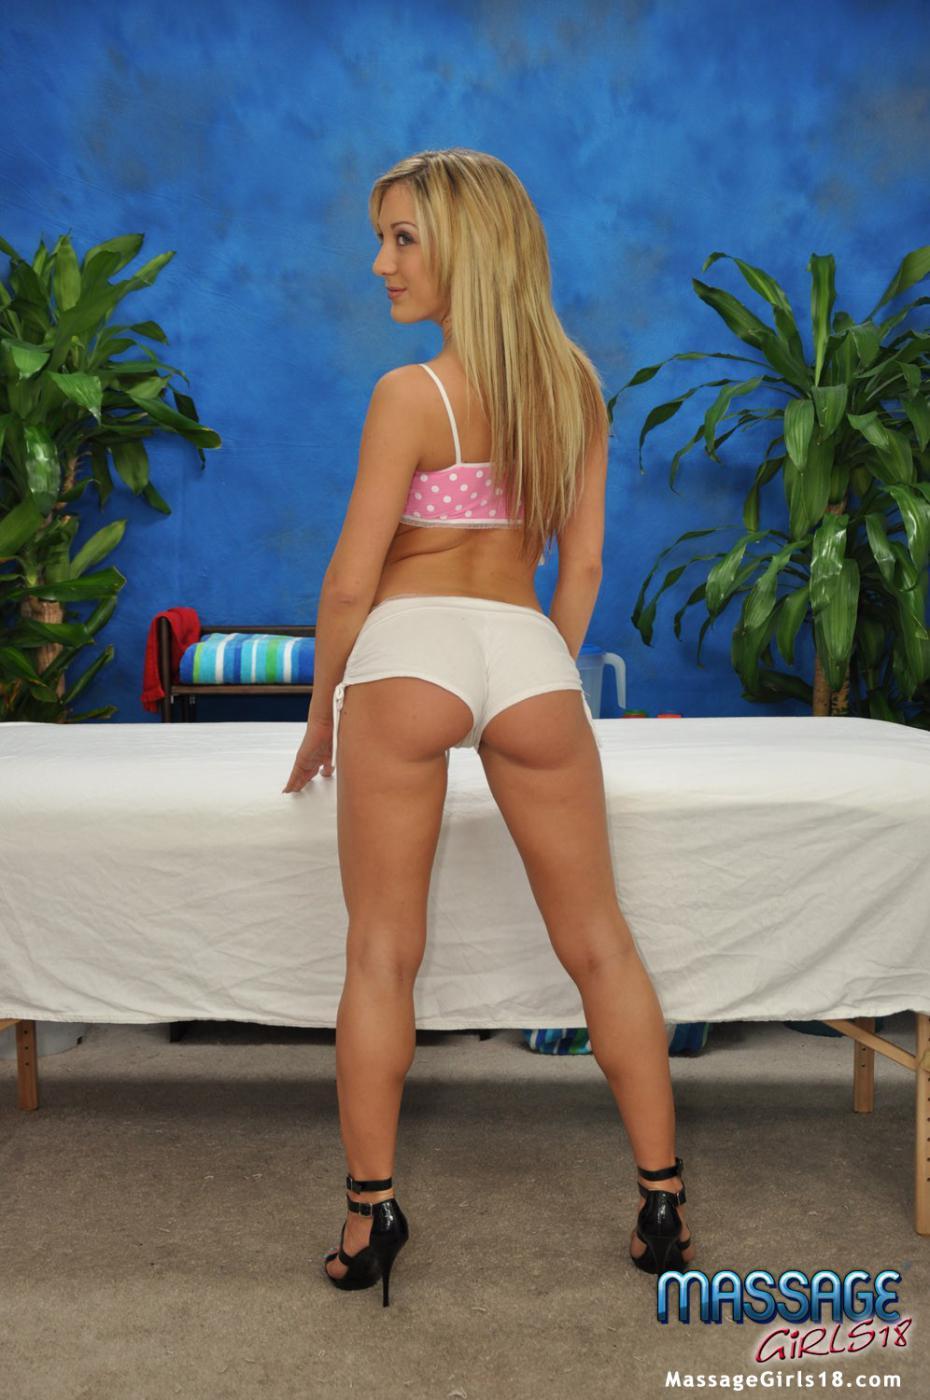 Блондиночка с красивой попкой и чистенькой мандой Amy Brooke делает массаж и скачет на члене